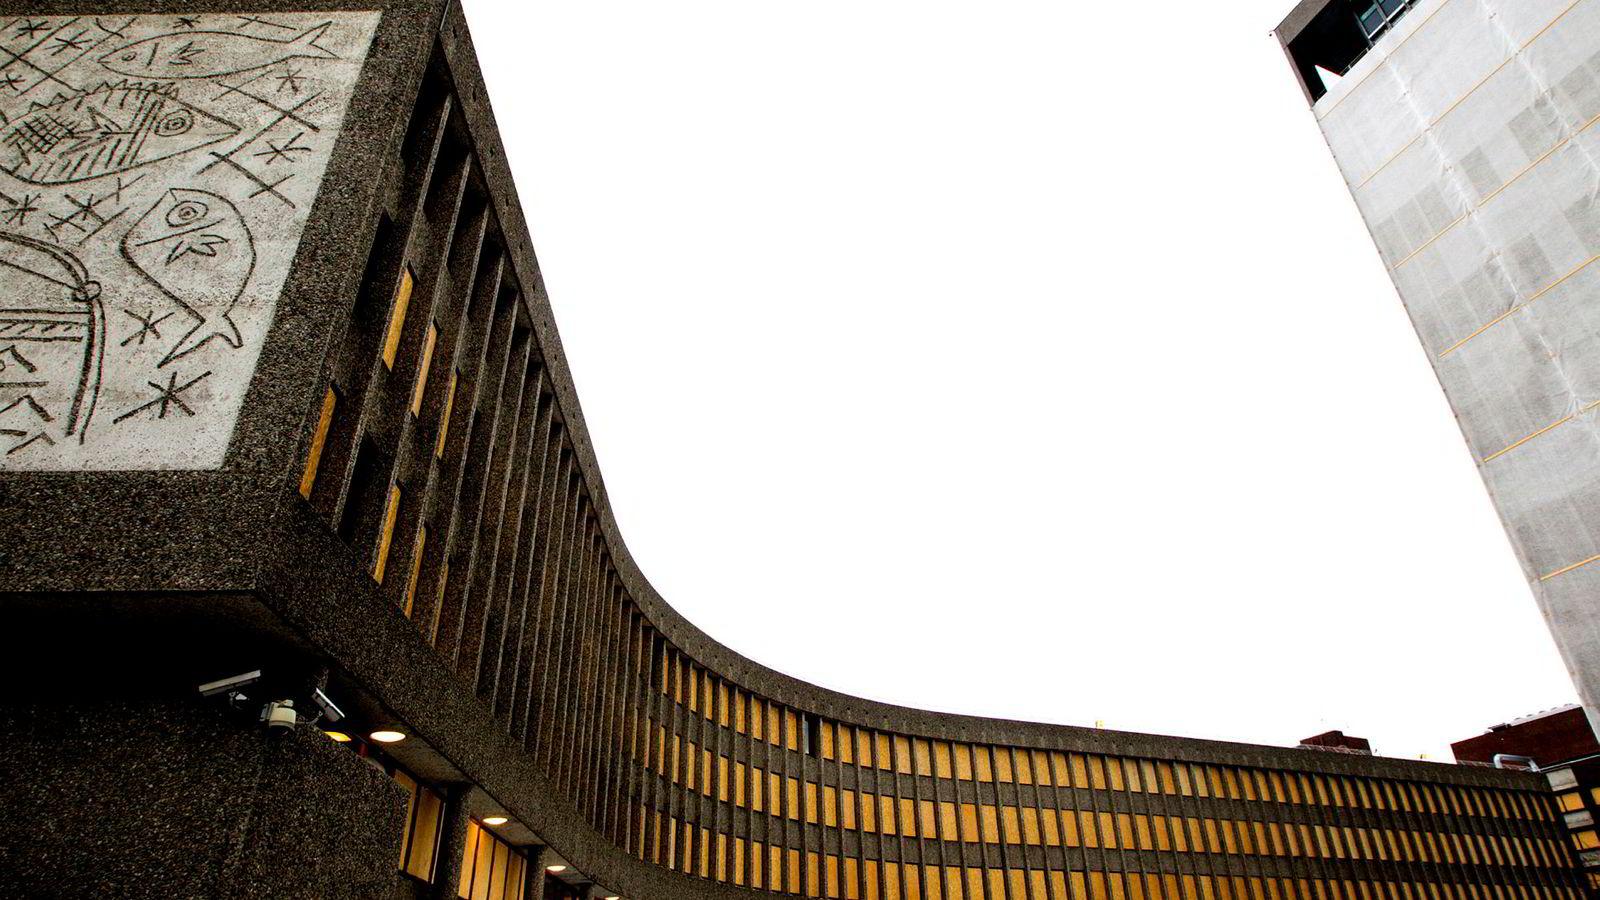 Y-blokken fotografert i 2012 med sponplater som dekket de knuste vinduene. Til venstre et sandblåst kunstverk basert på Picasso-tegninger.